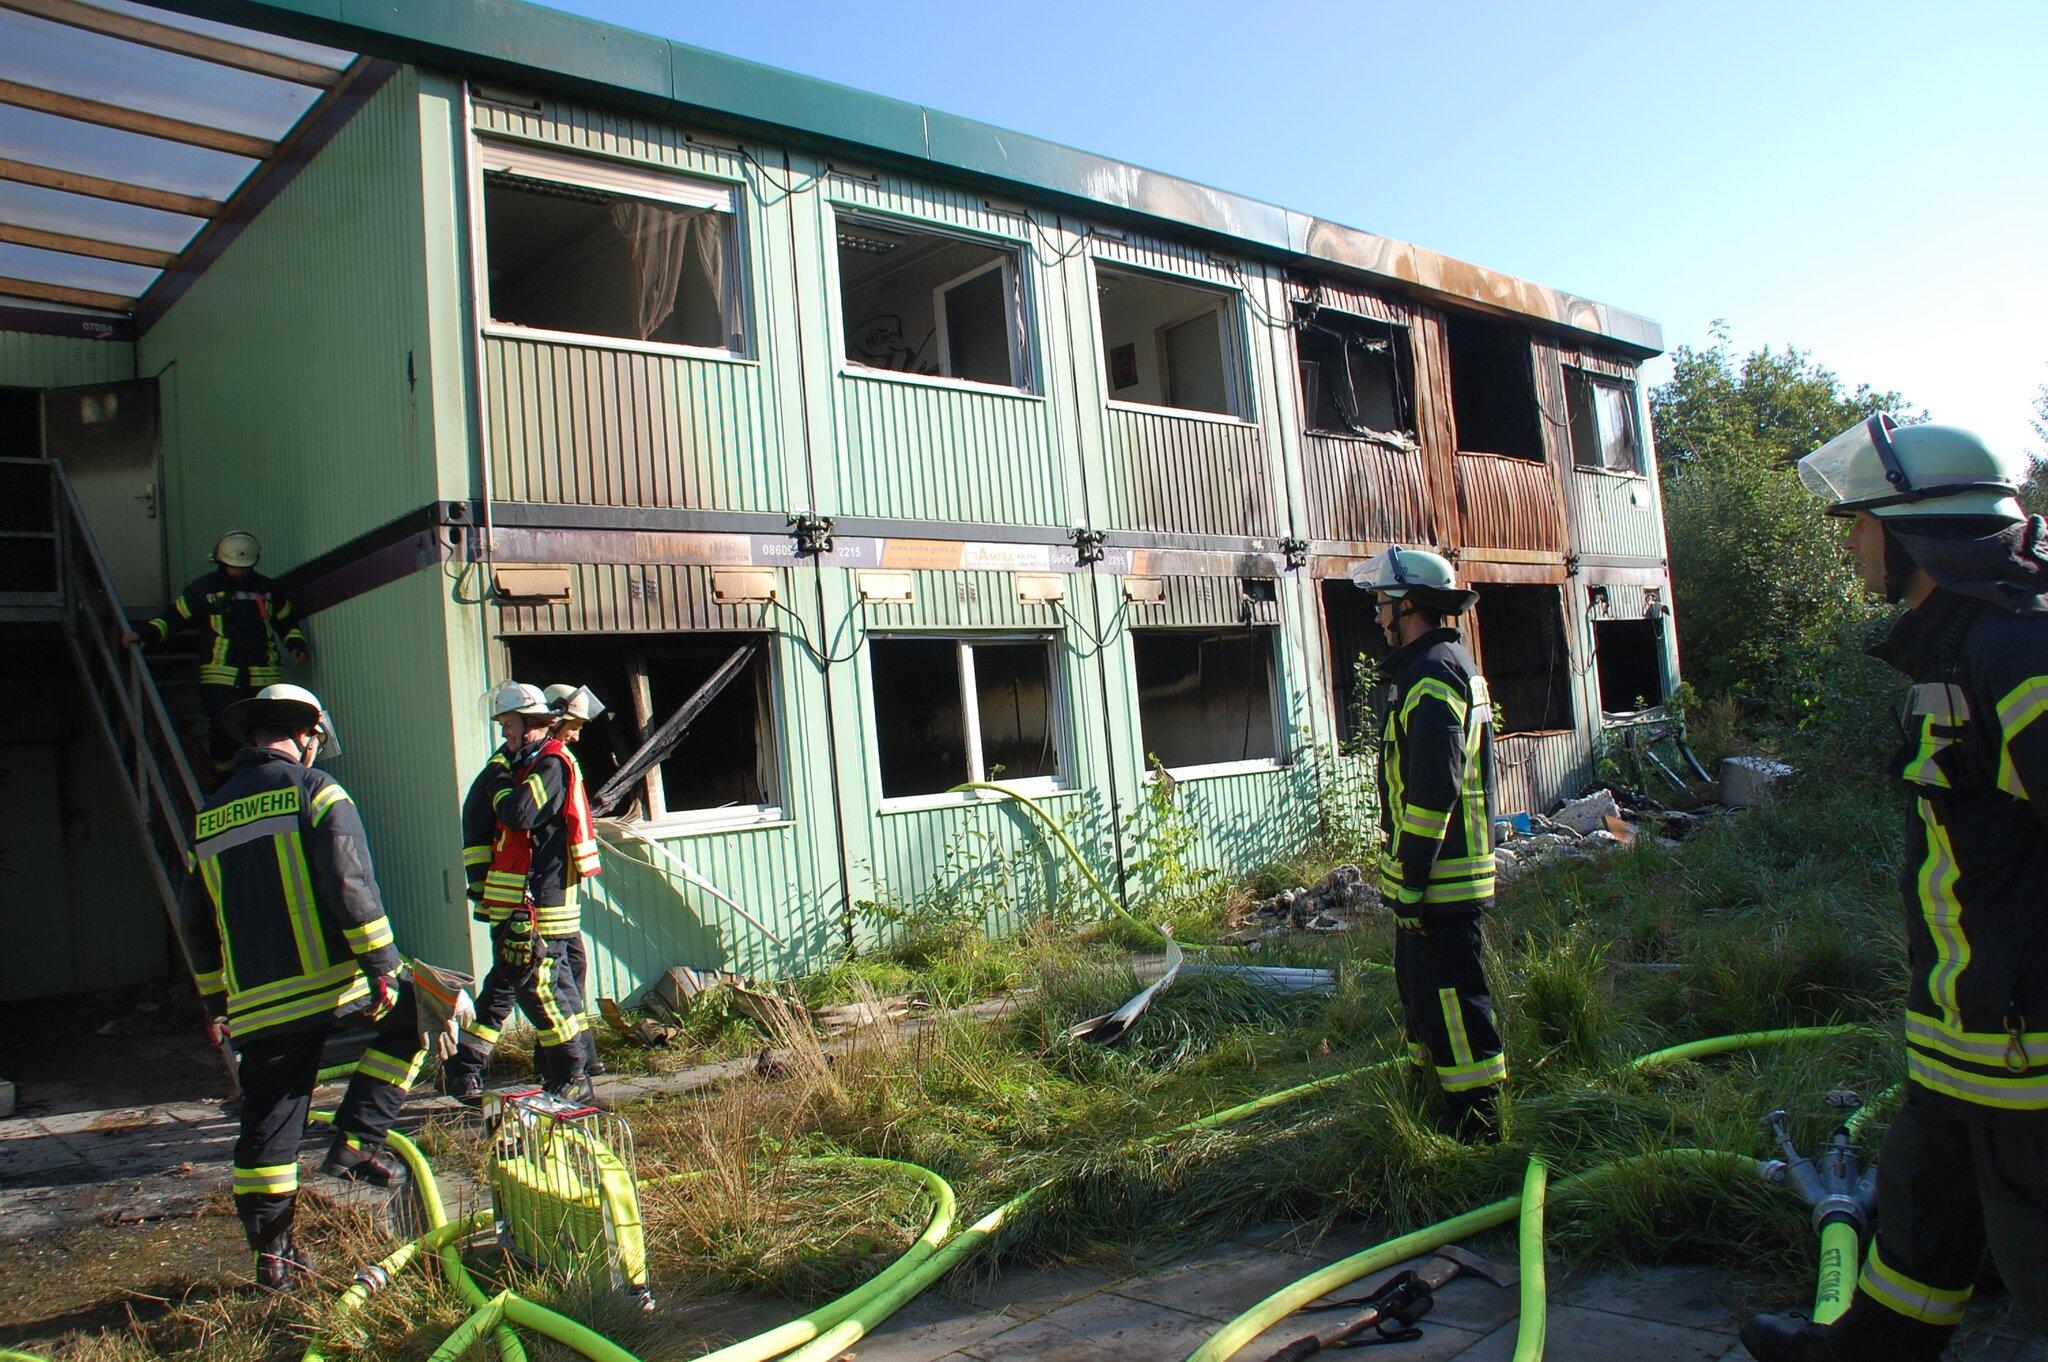 Nach nächtlichem Feuerwehreinsatz brach das Feuer am morgen erneut aus                                                                  Feuer in Asyl-Unterkunft in Buxtehude